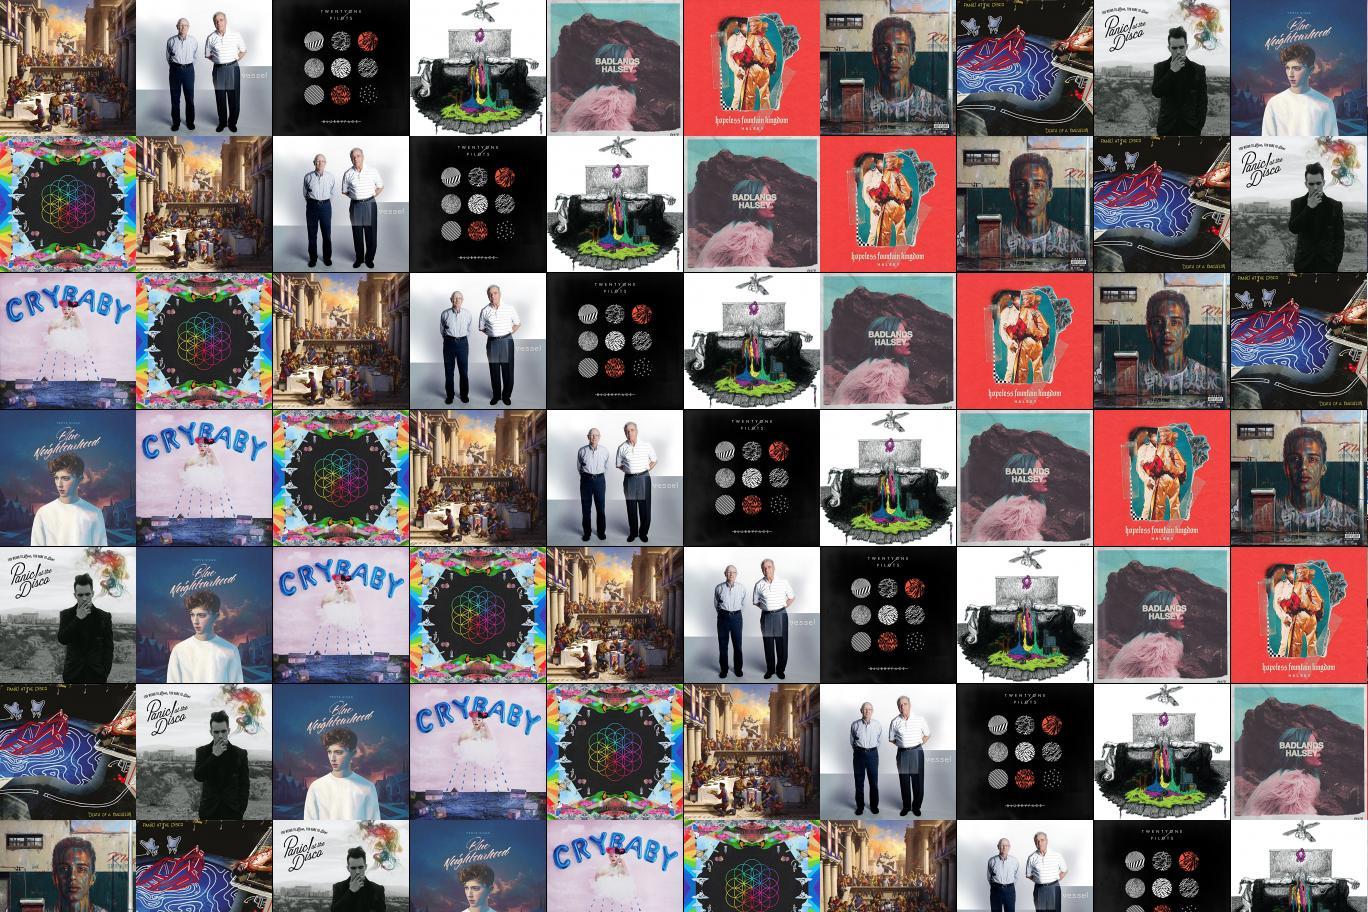 Troye Sivan Tiled Desktop Wallpaper